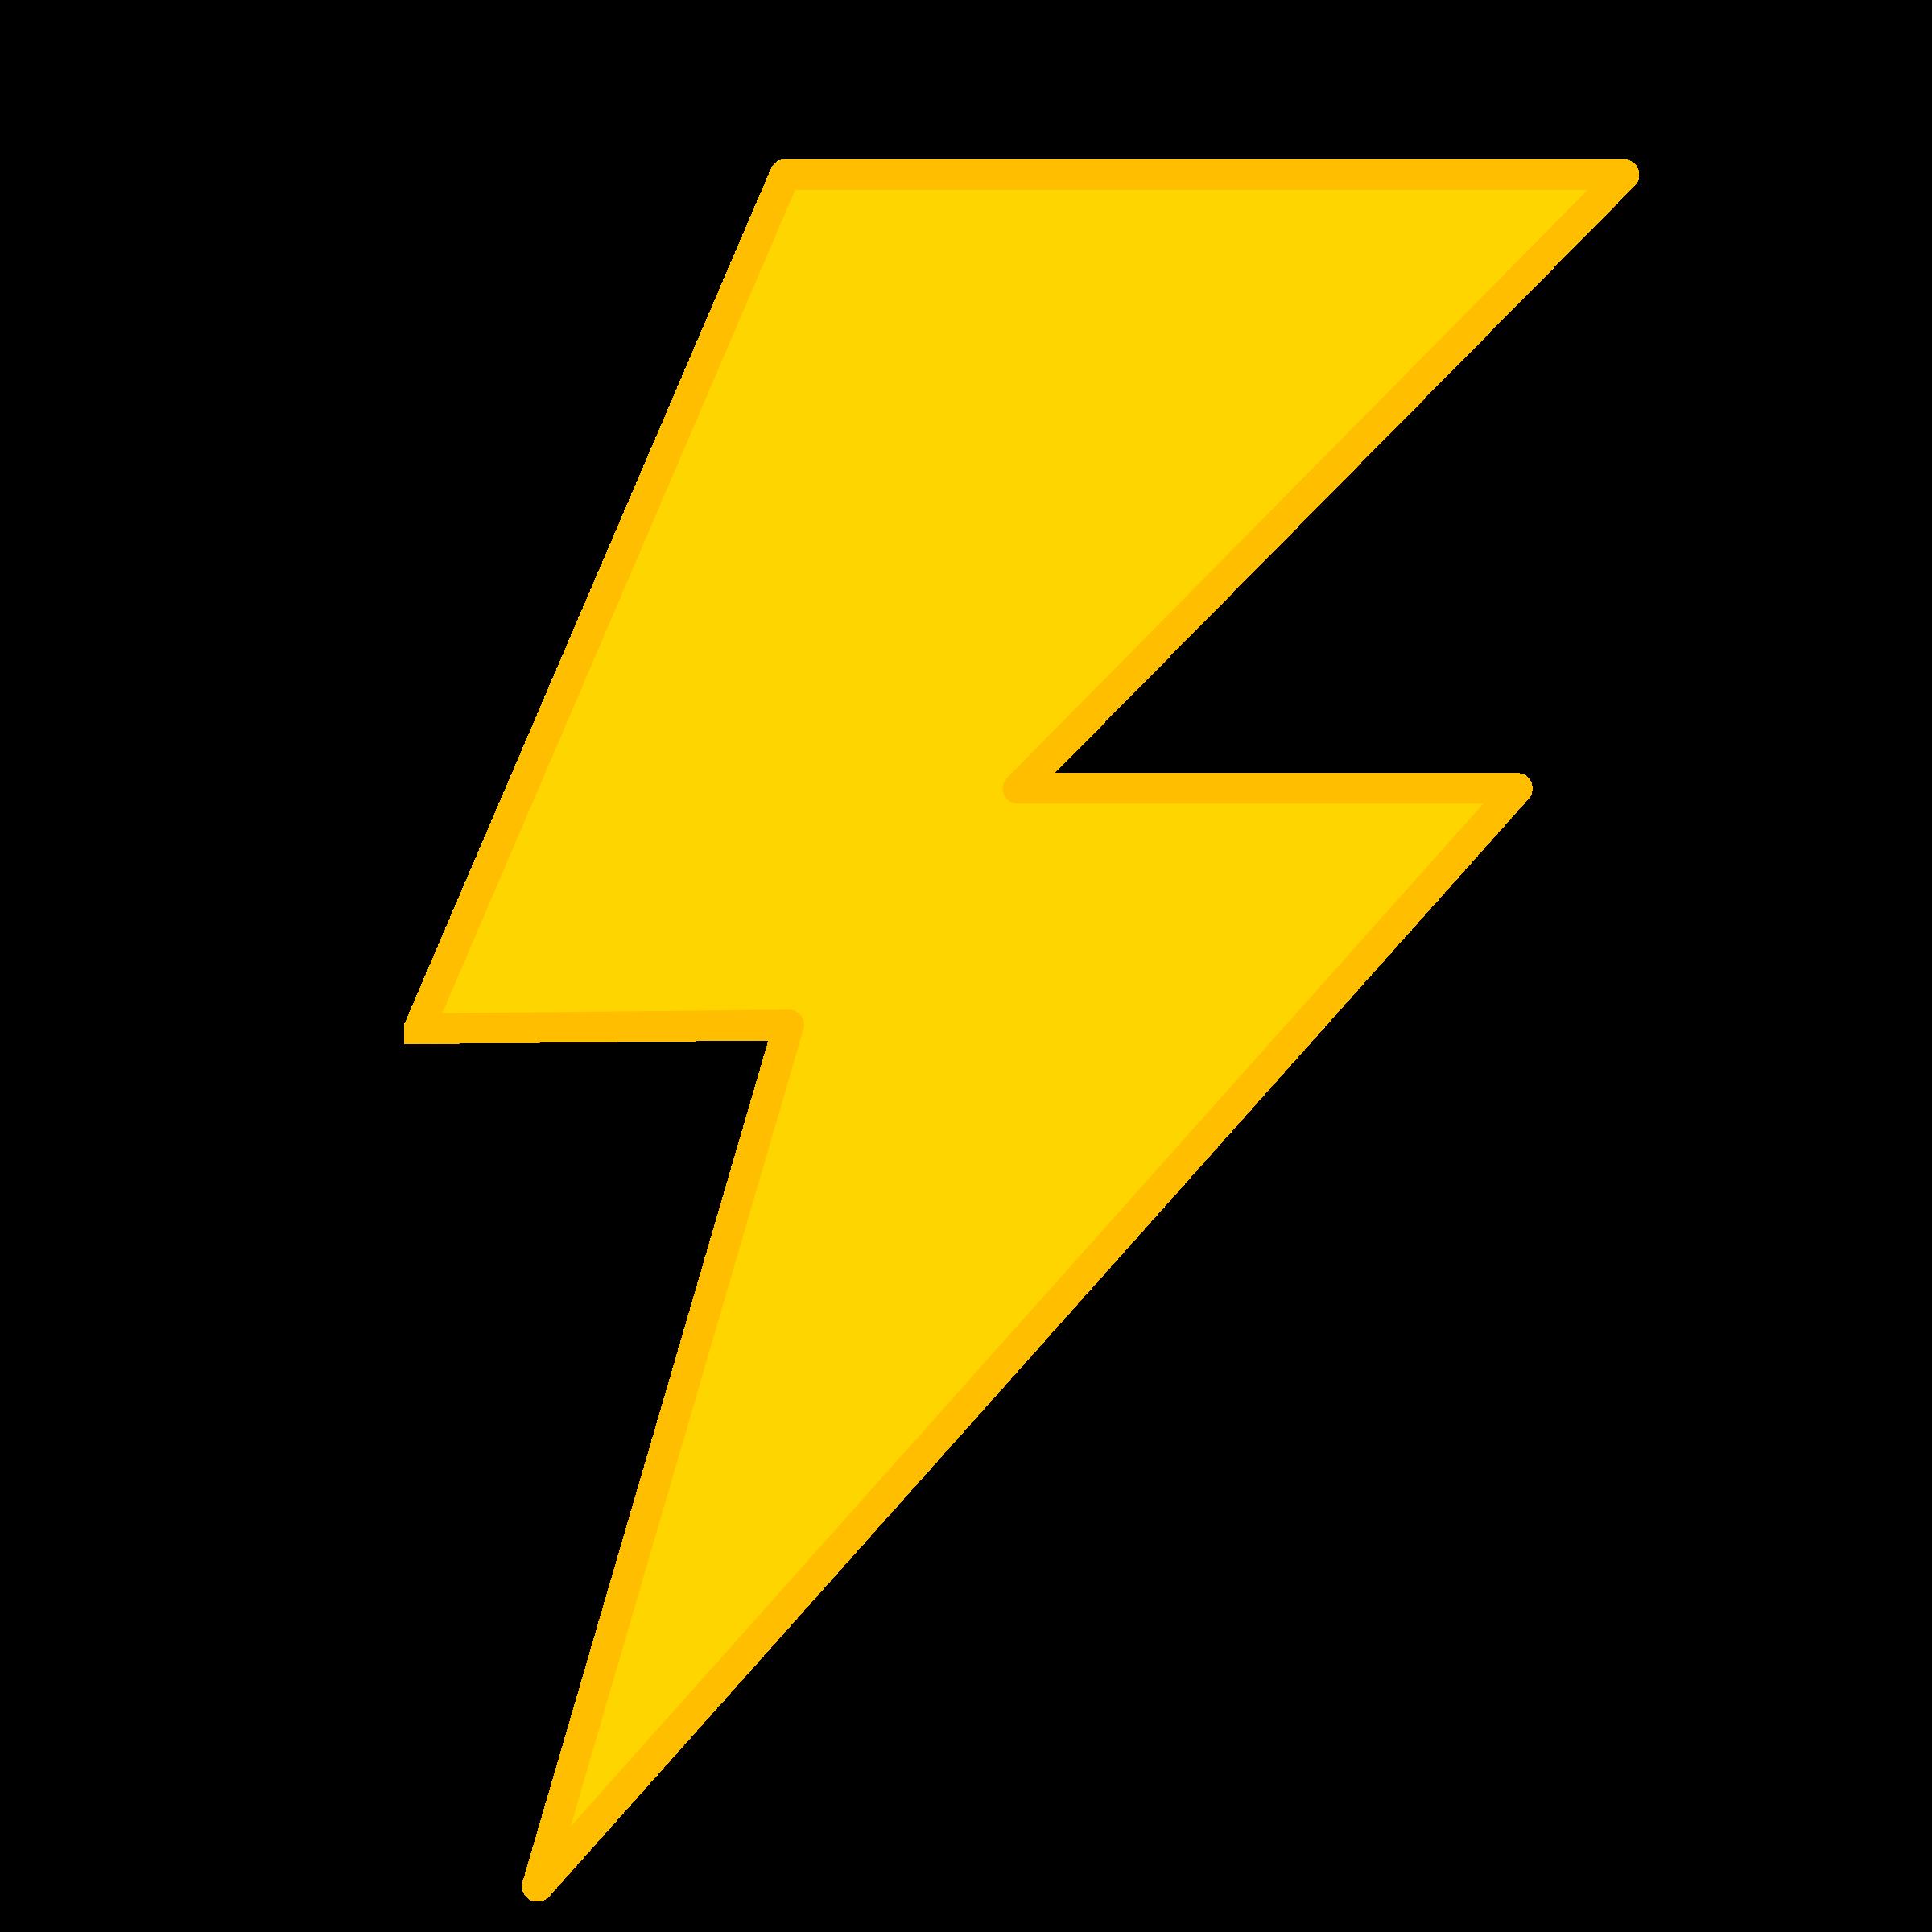 Lightening clipart lightning flash Lightning Clipart lightning